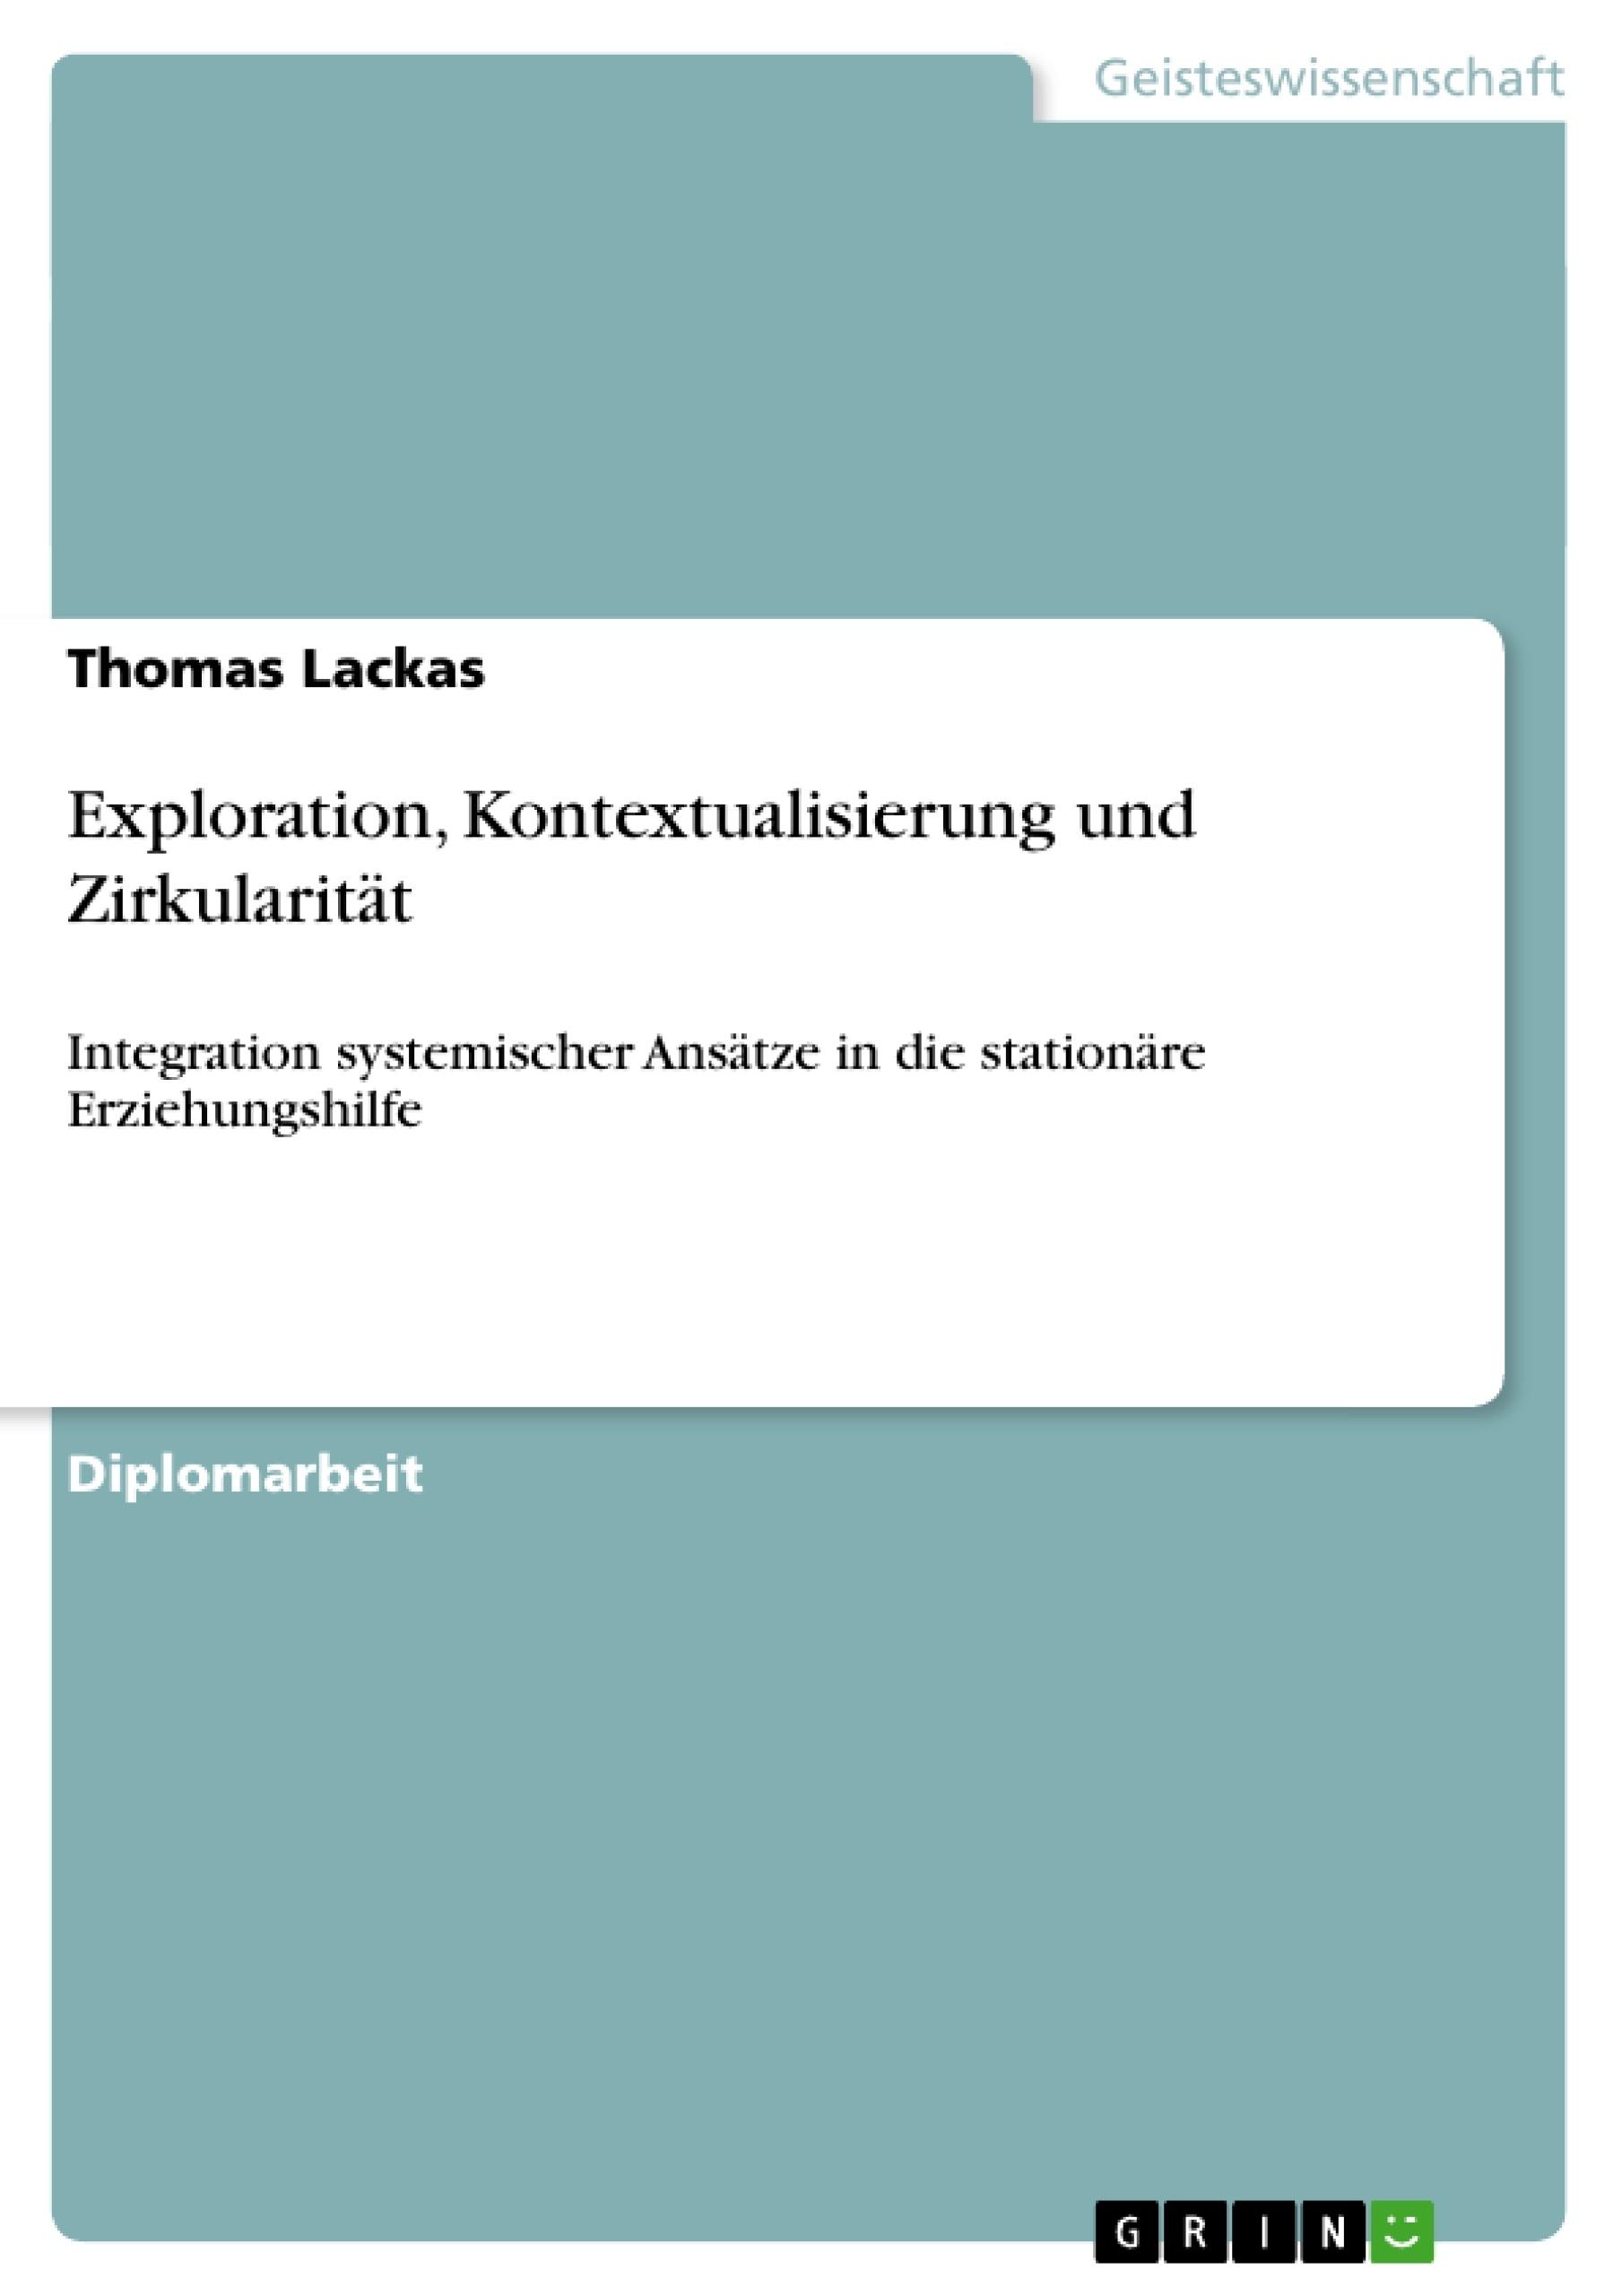 Titel: Exploration, Kontextualisierung und Zirkularität